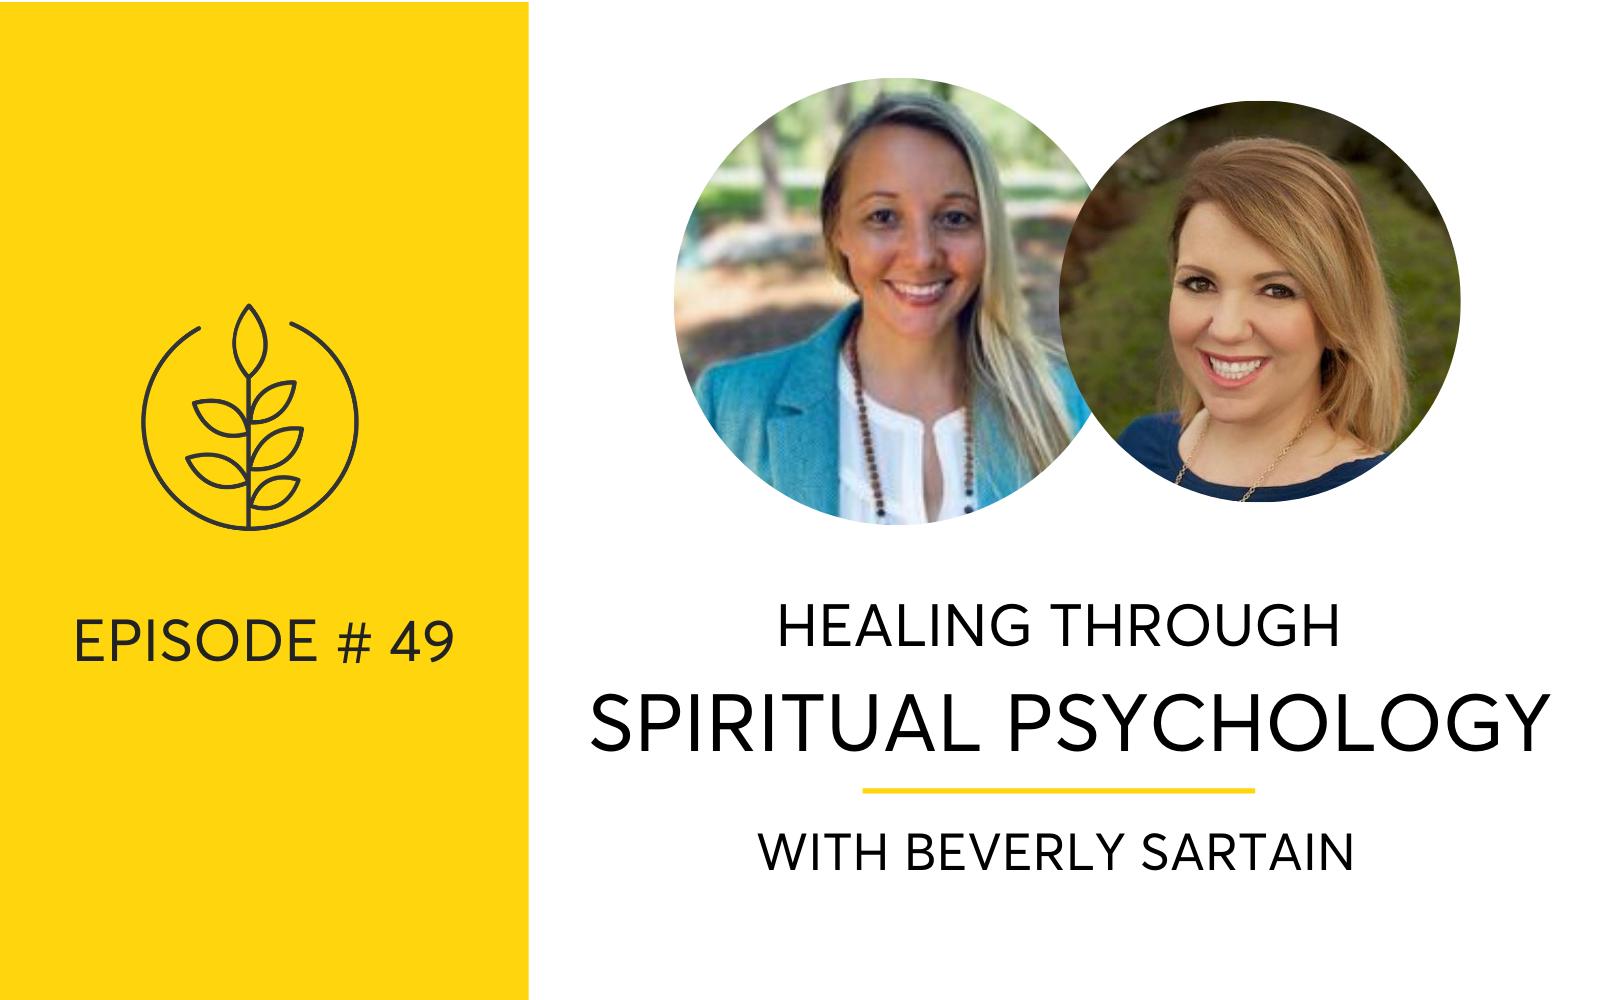 Healing Through Spiritual Psychology